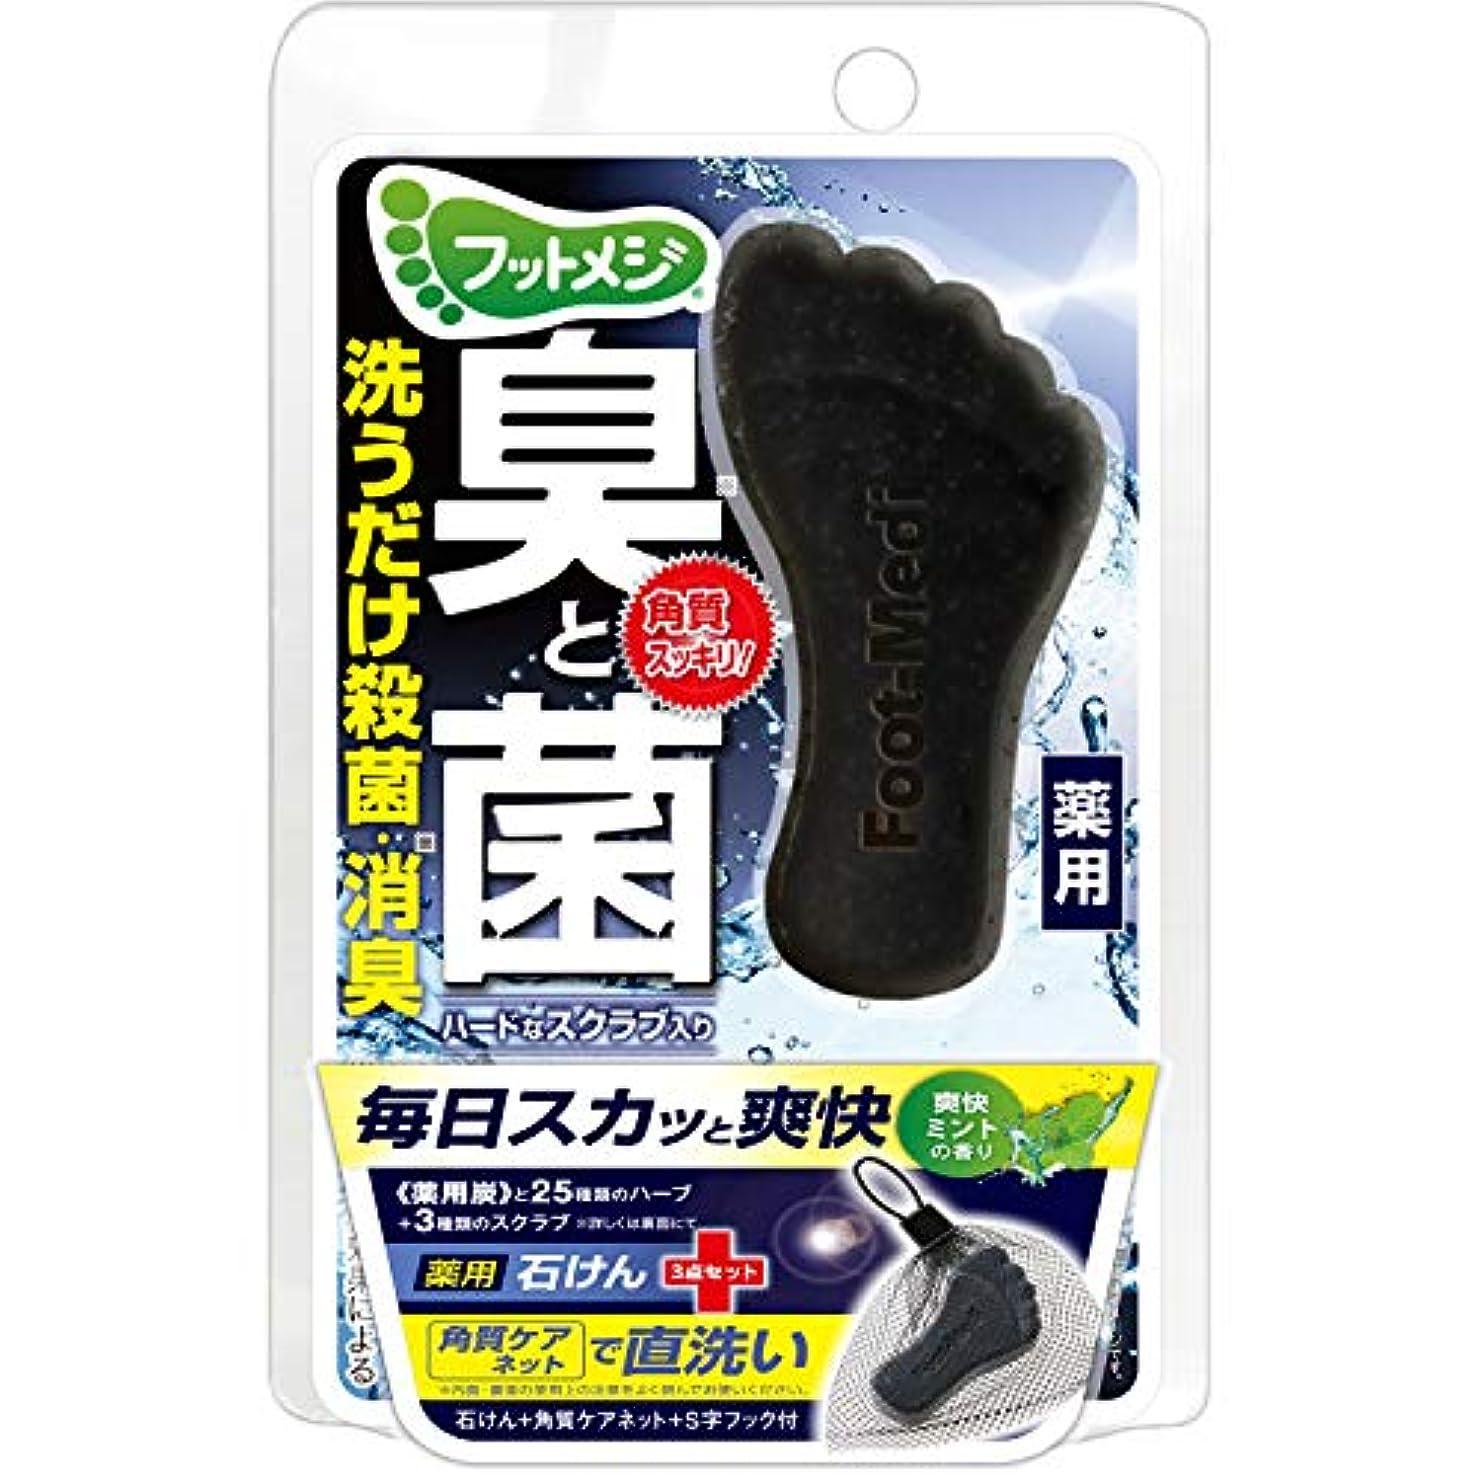 森保護する命令グラフィコ フットメジ薬用足用角質クリアハーブ石けん爽快ミント 60g 石鹸